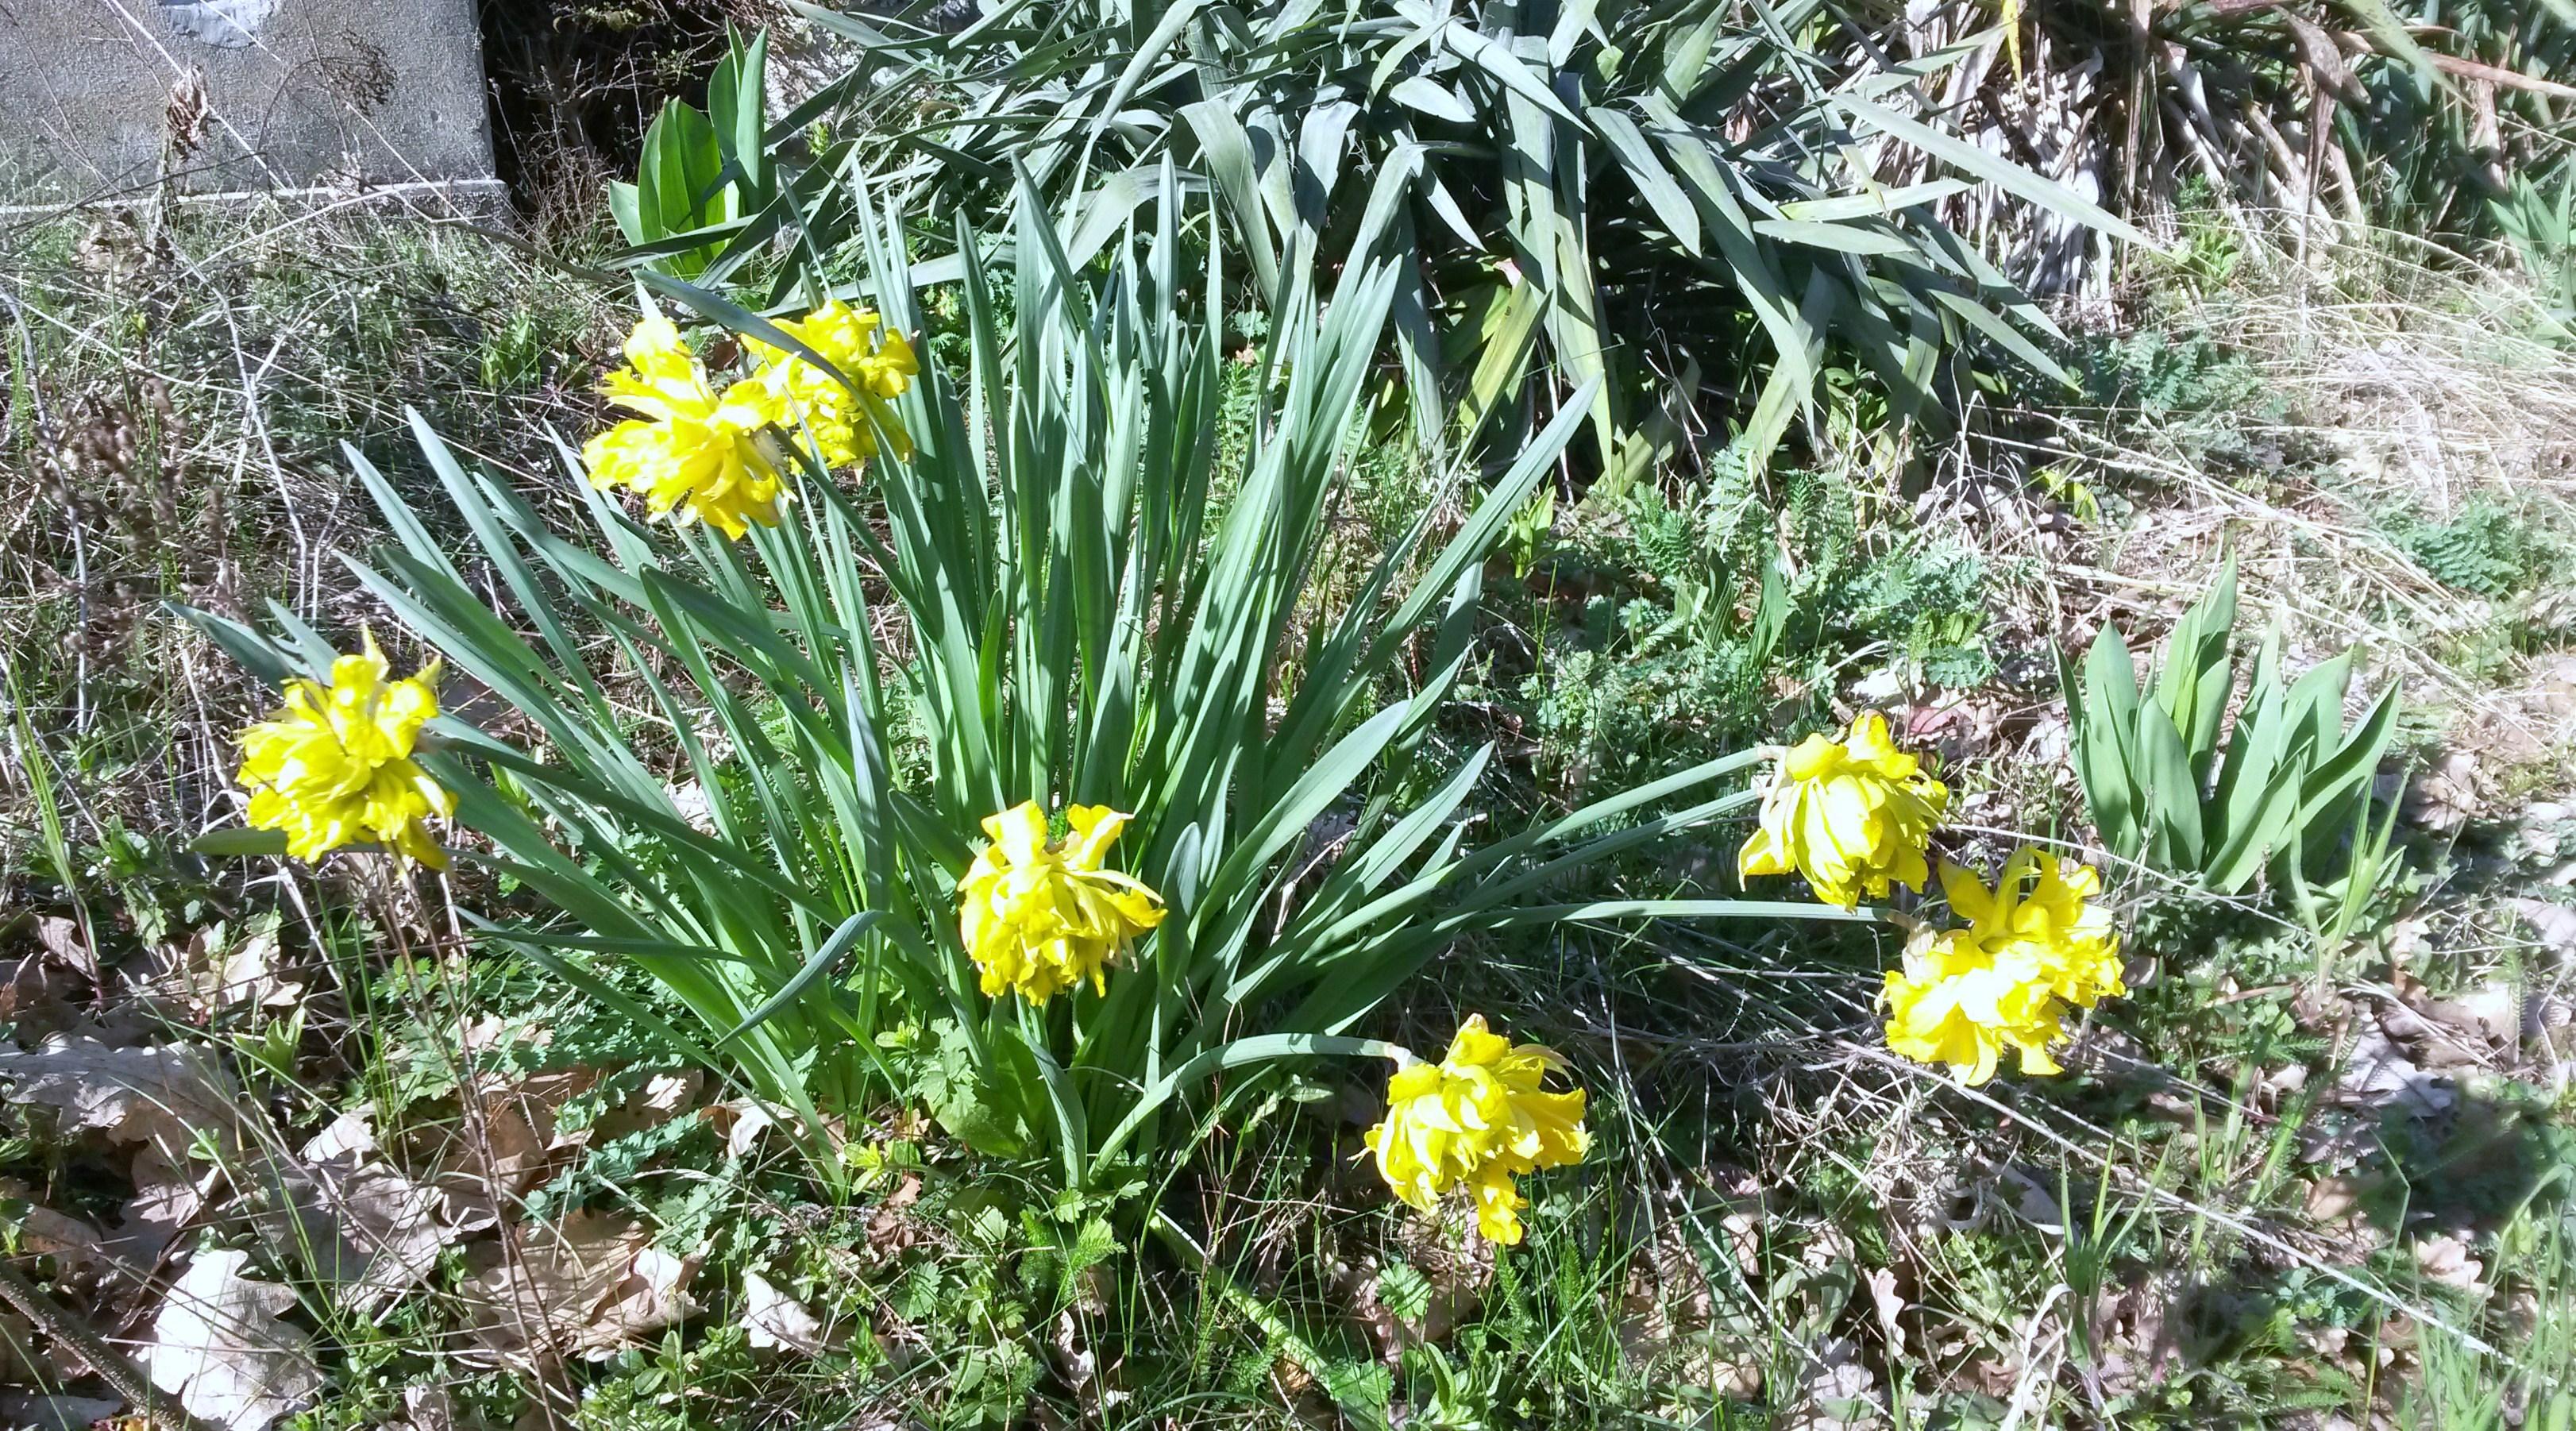 Il fiore giallo del tarassaco villa cheti for Narciso giallo